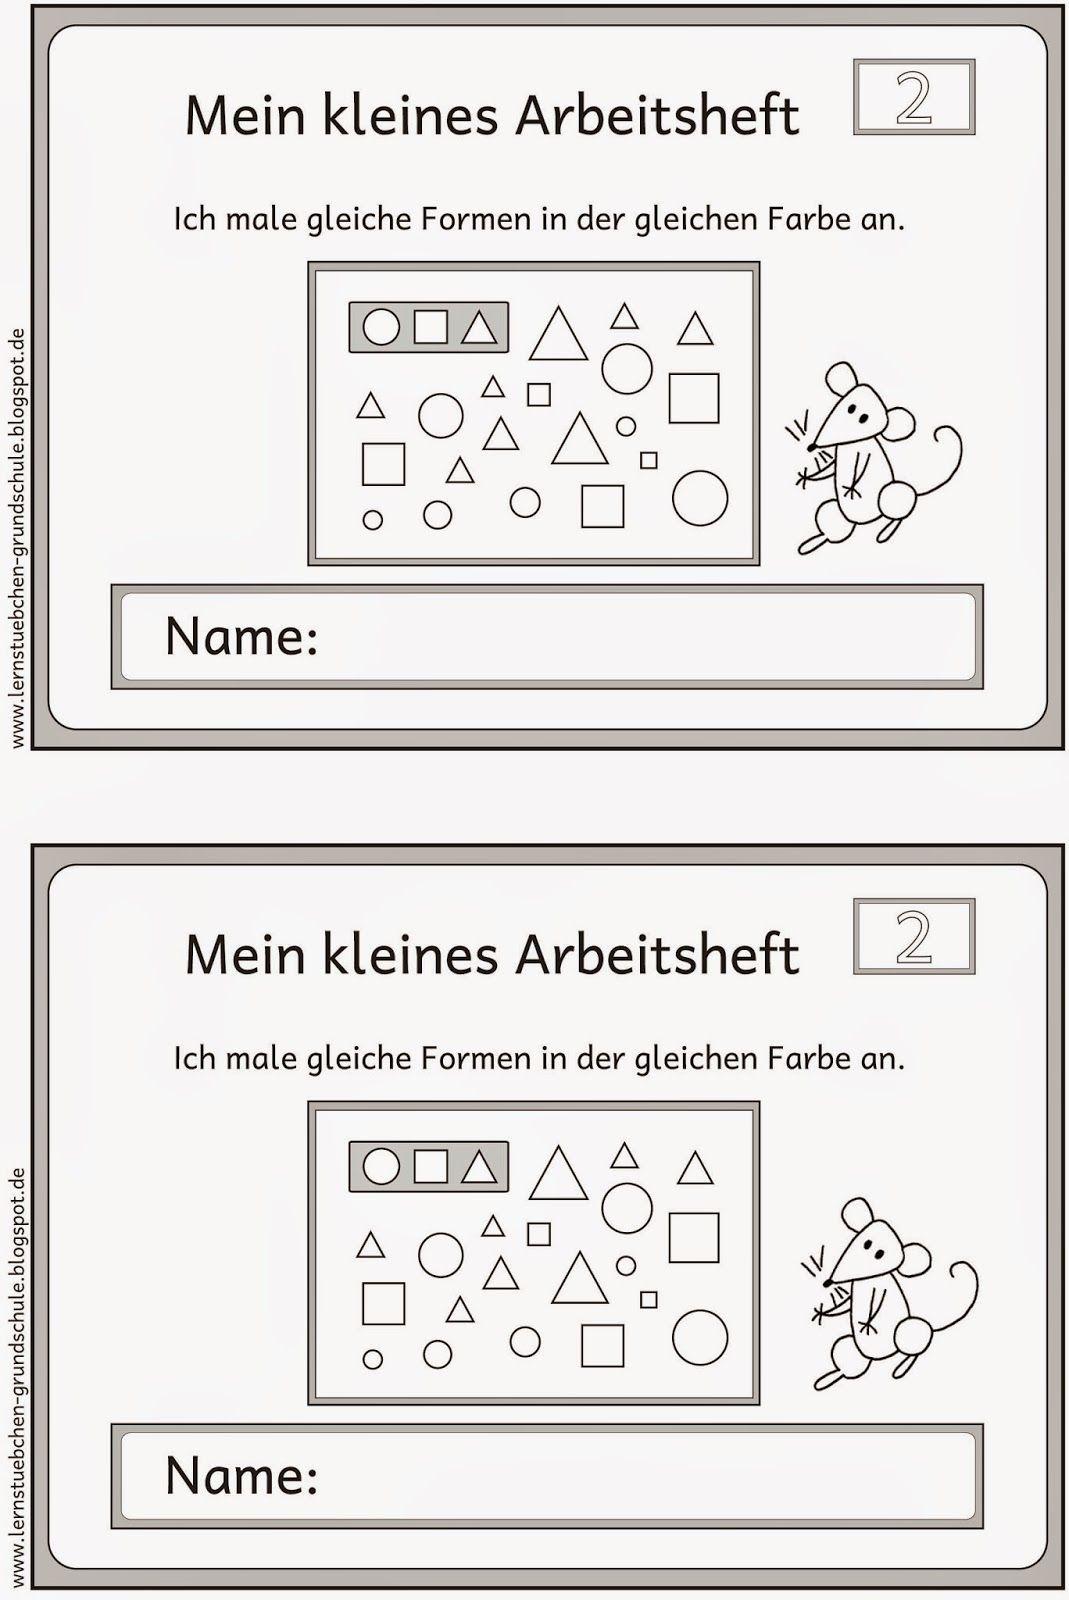 Lernstübchen: gleiche Formen gleich anmalen | Schule | Pinterest